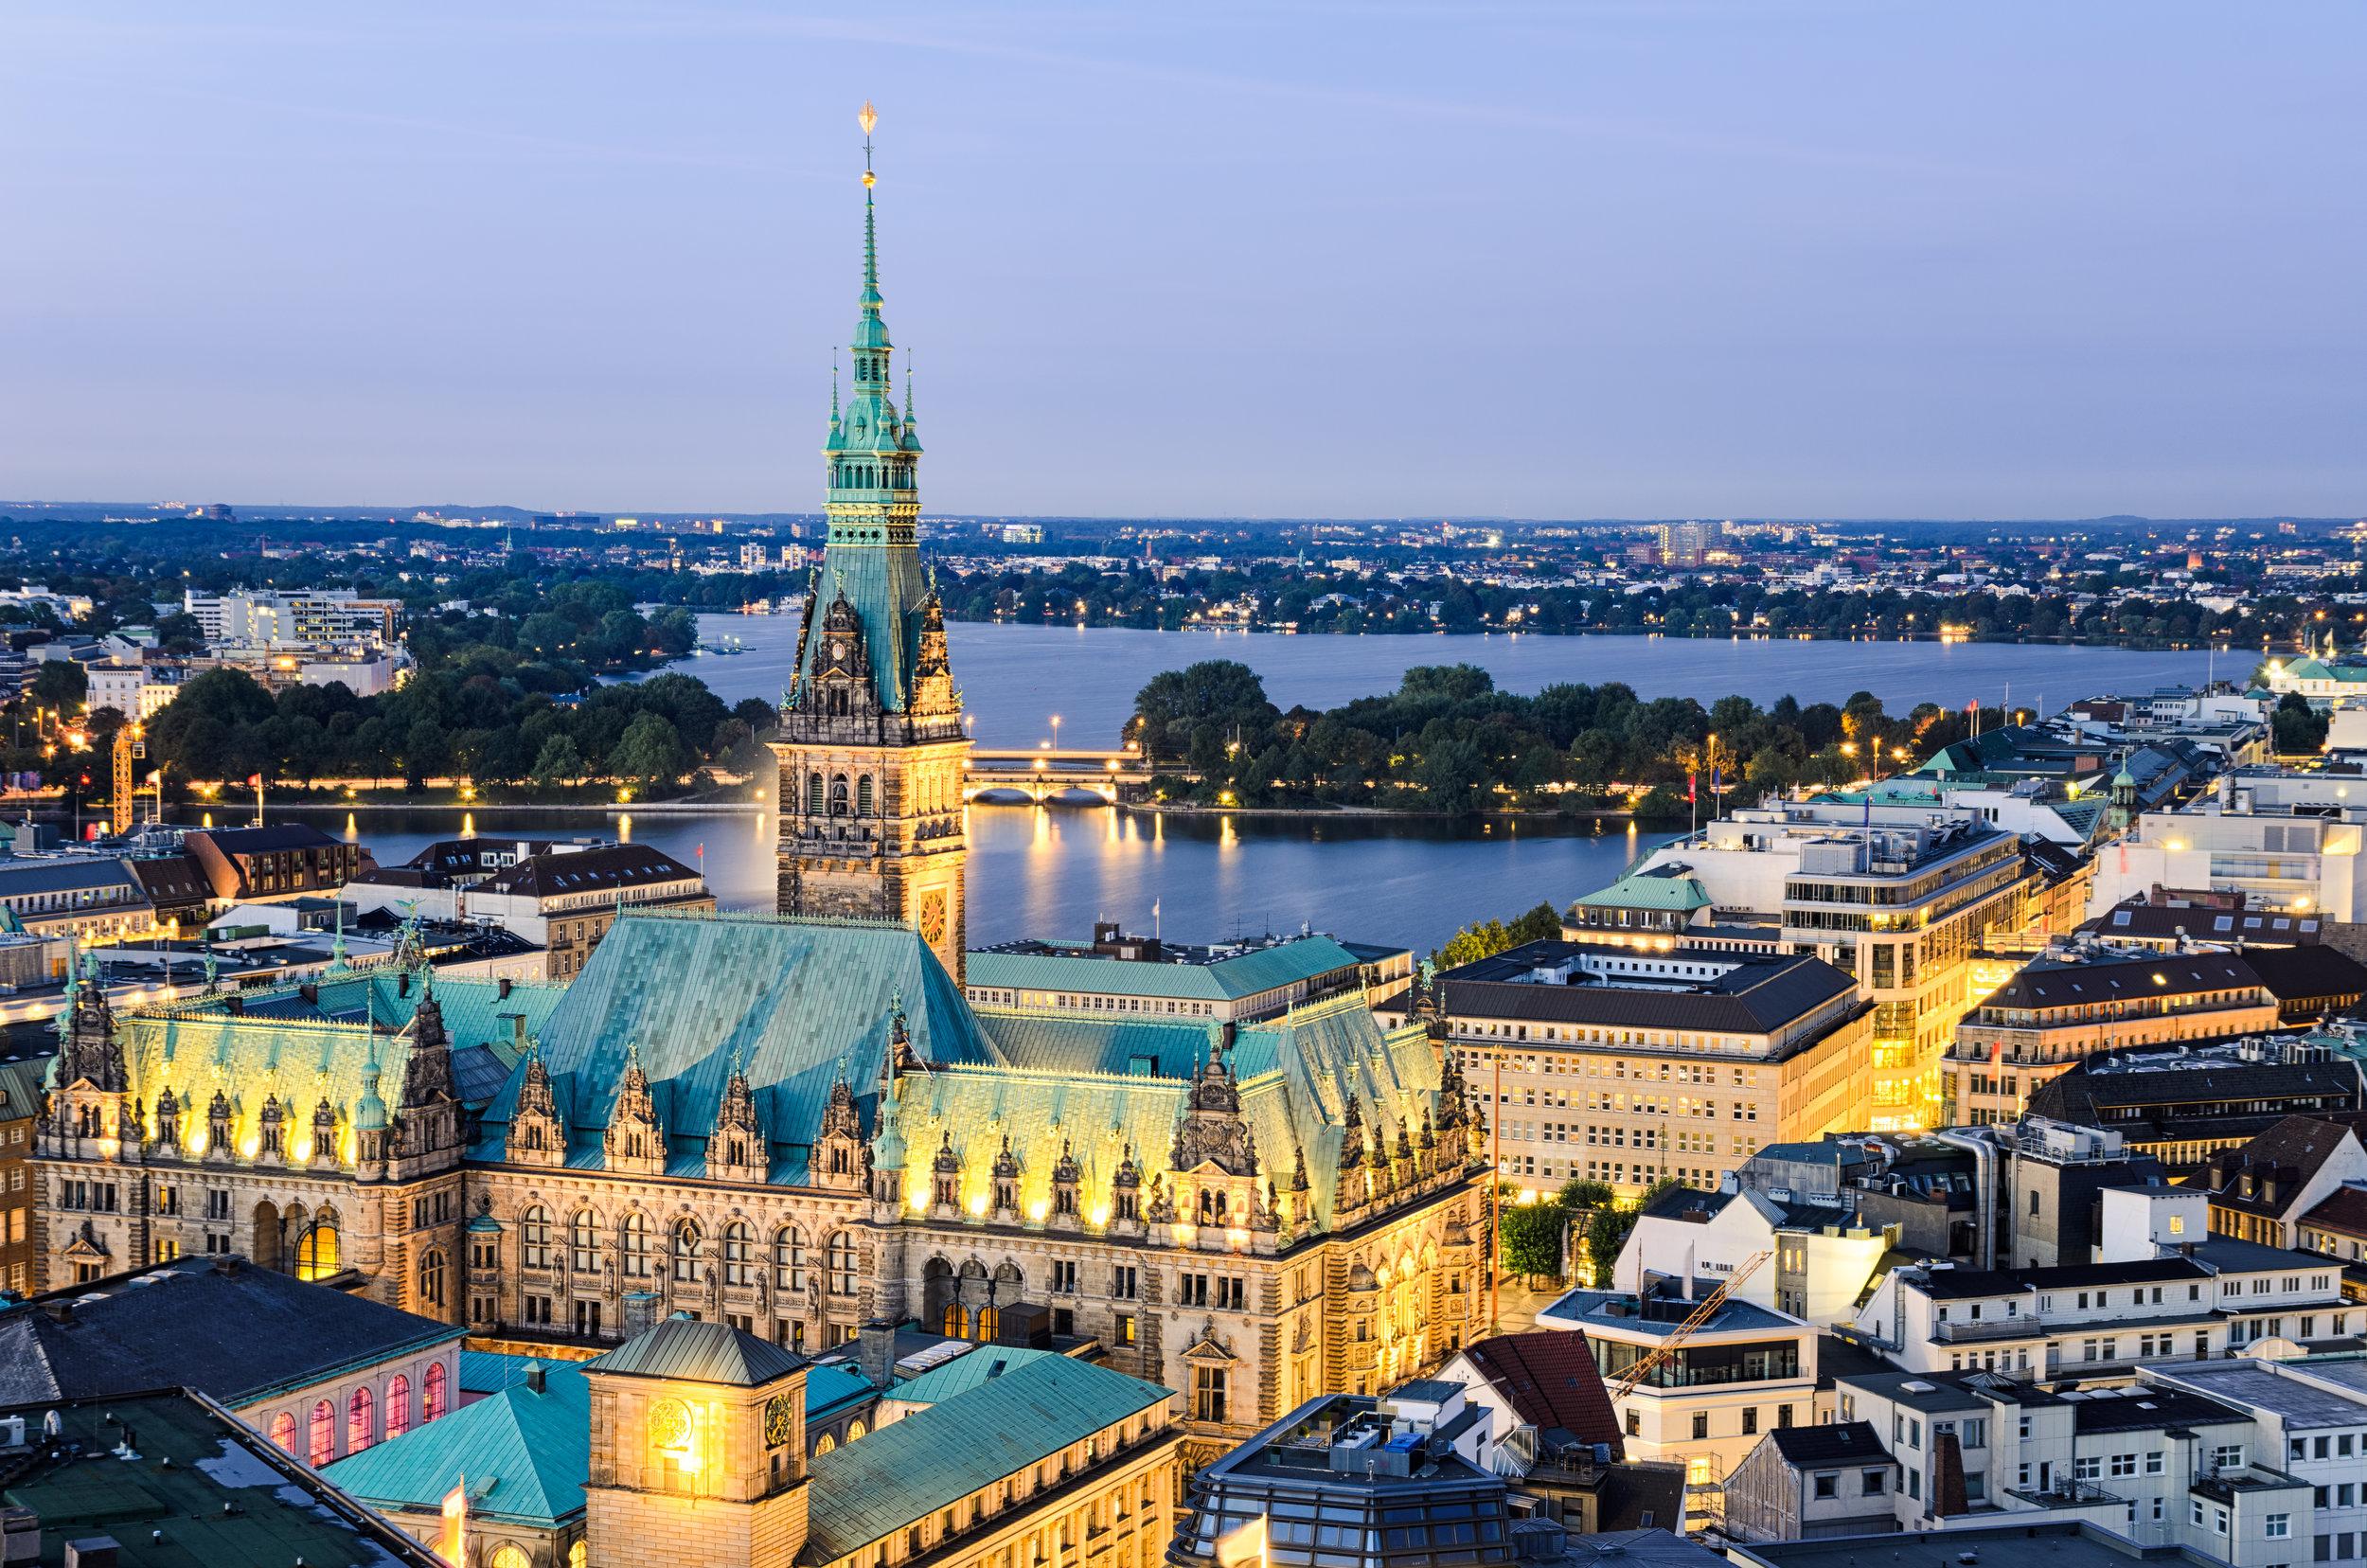 Du bist herzlich eingeladen zu einem unserer Gottesdienste zu kommen oder zu einer unserer Connect Gruppen, die regelmäßig in Hamburg stattfinden. -